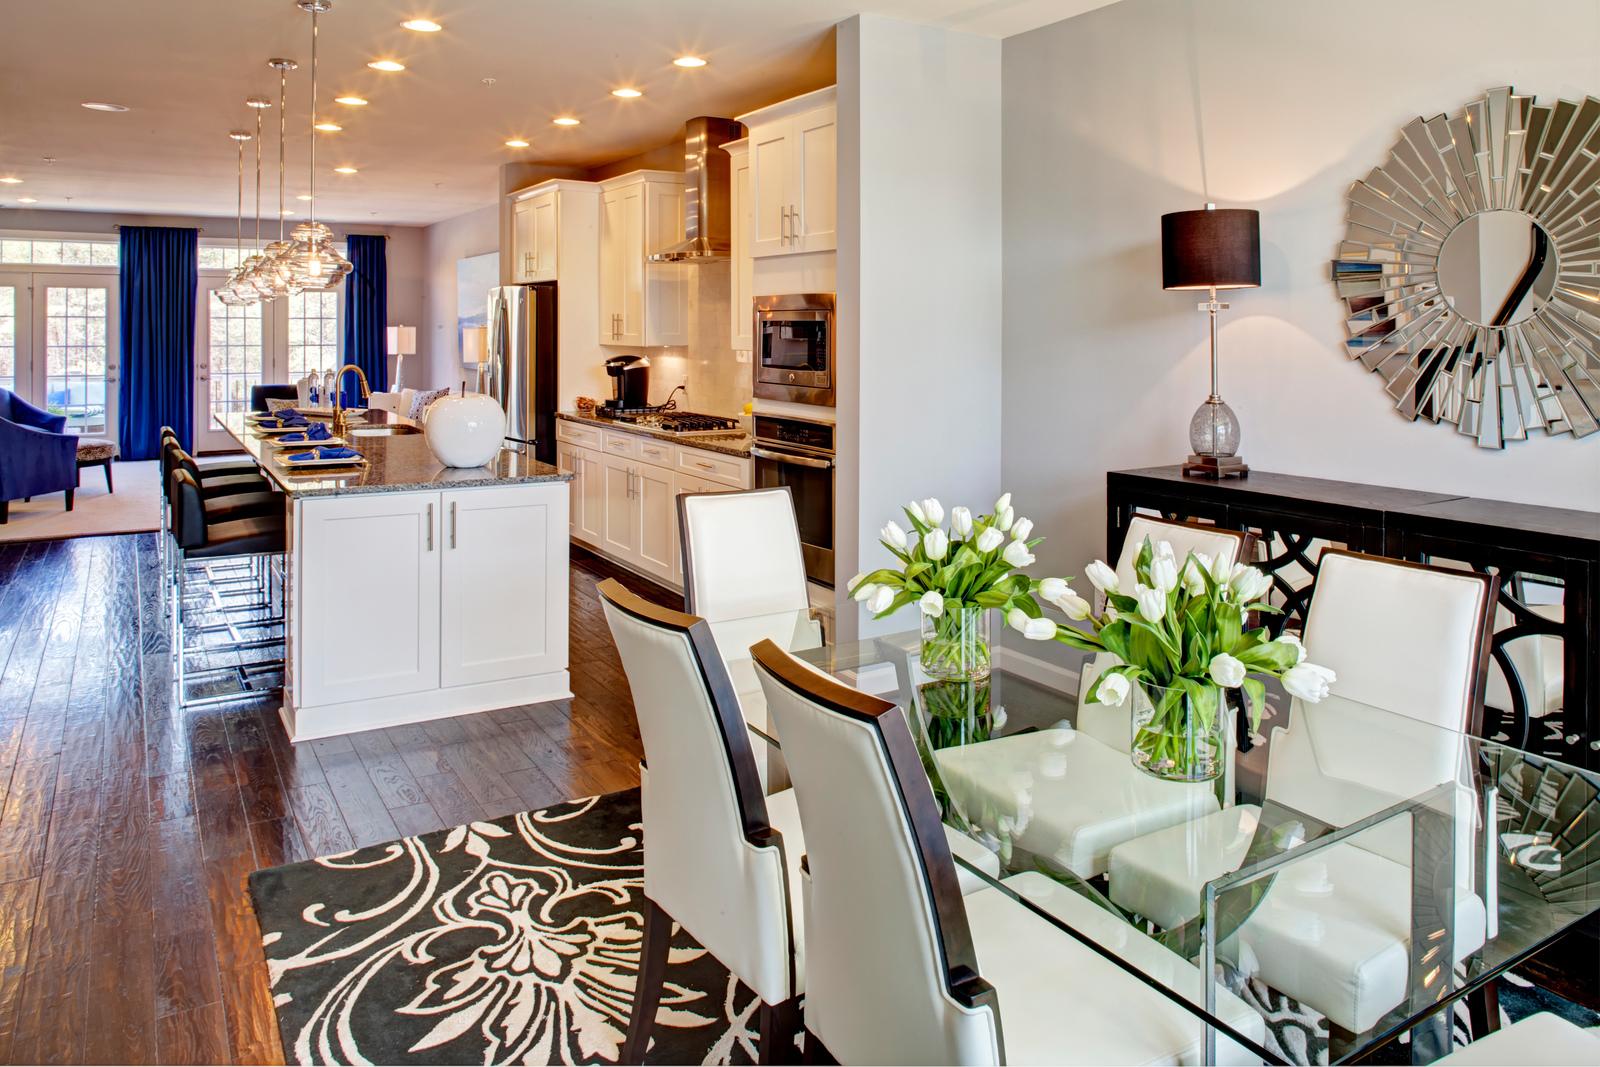 new cornelius vanderbilt home model for sale nvhomes. Black Bedroom Furniture Sets. Home Design Ideas